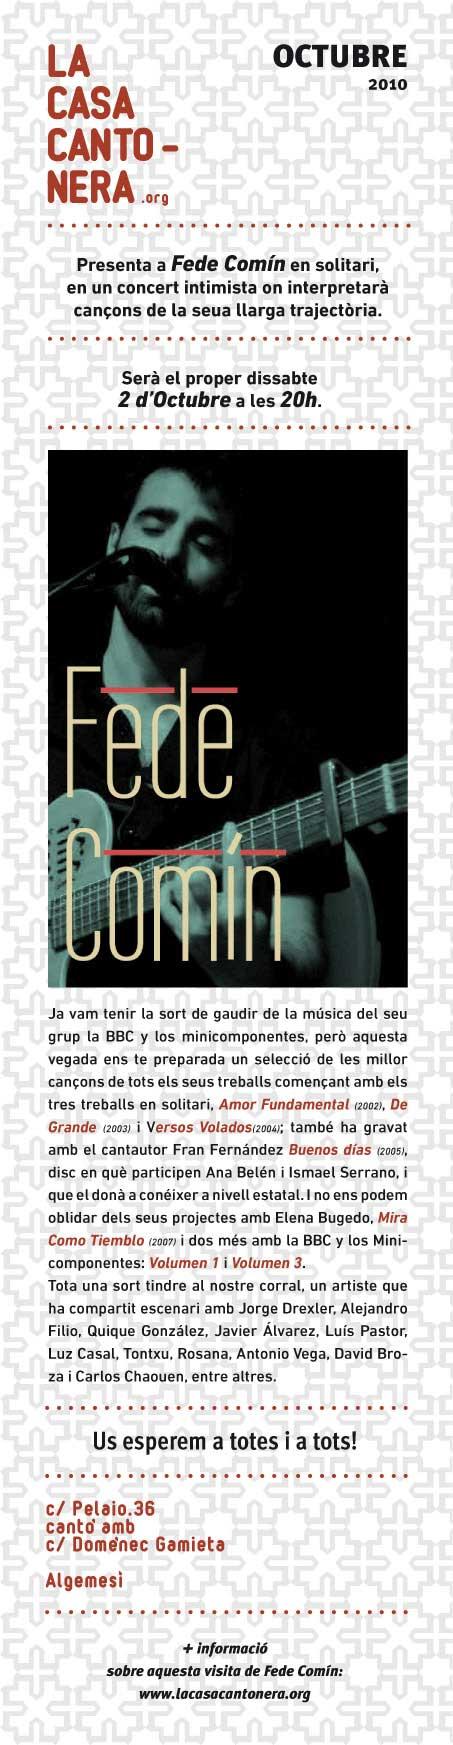 inv_fede_comin1